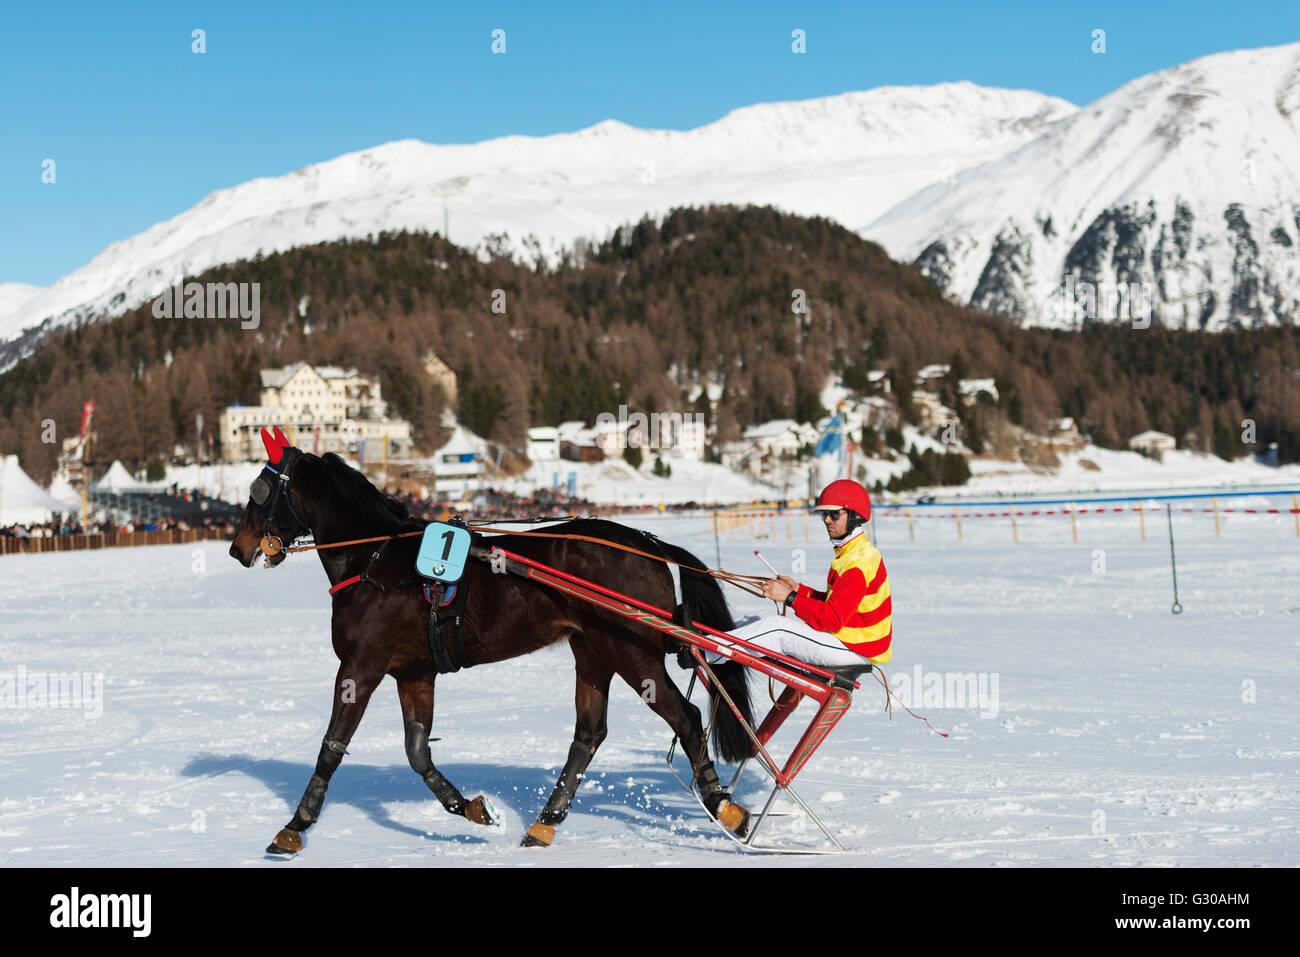 Evento di trap, White Turf Concorso Ippico Internazionale, inverno, San Moritz, Engadina, Grigioni, Svizzera, Europa Foto Stock